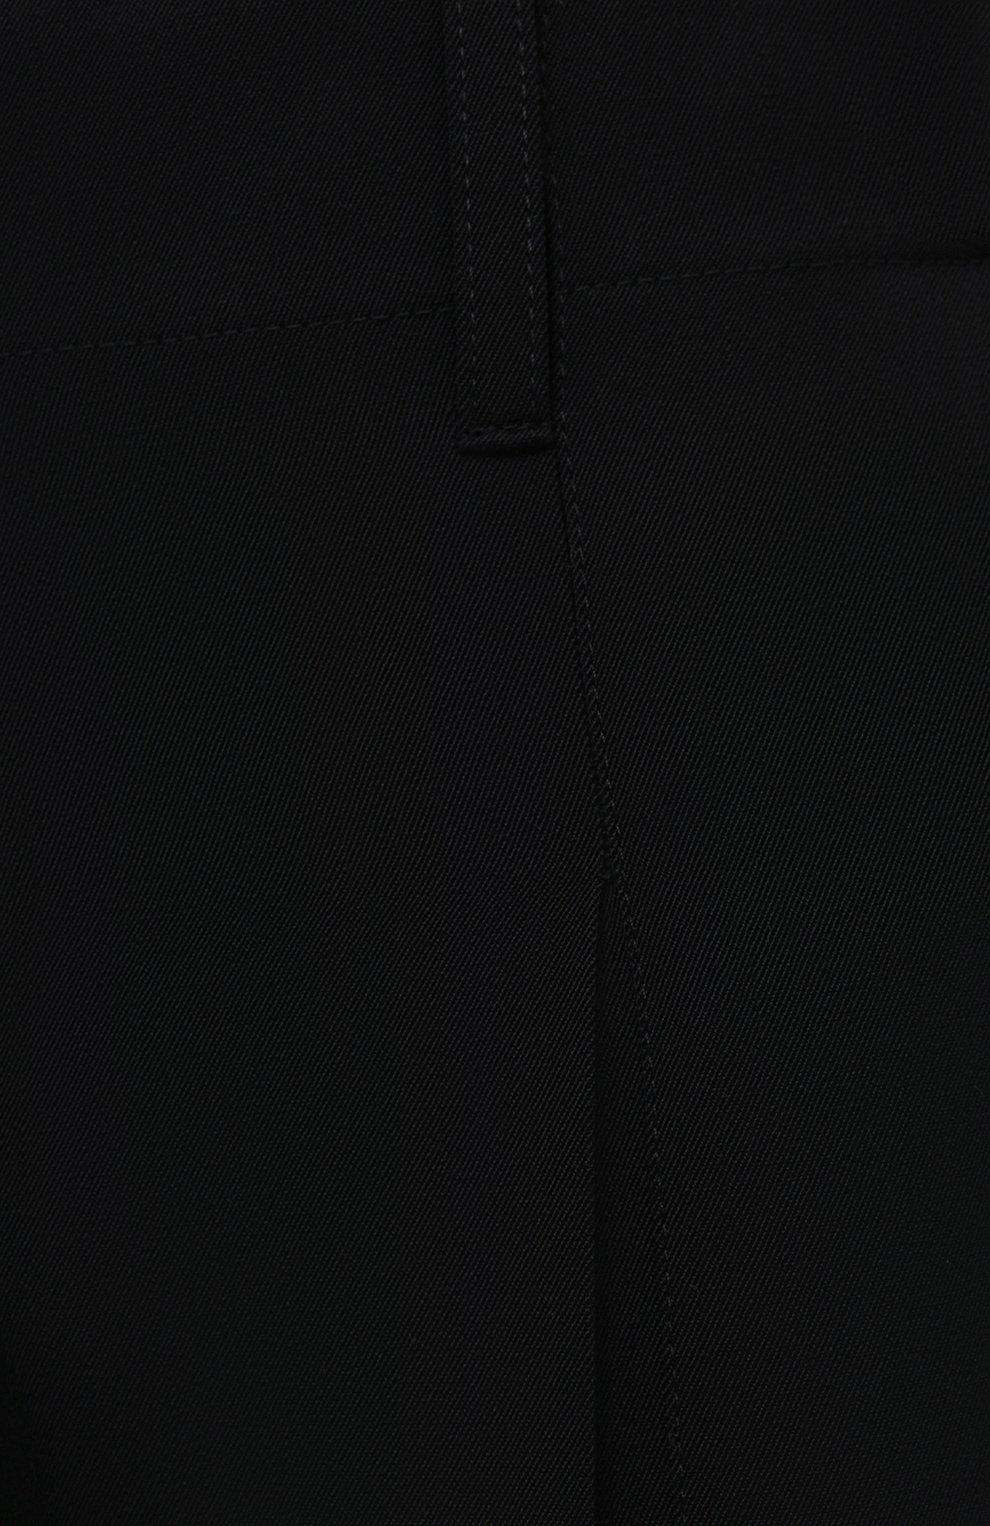 Женские шерстяные брюки STELLA MCCARTNEY черного цвета, арт. 602439/SPA28 | Фото 5 (Длина (брюки, джинсы): Удлиненные; Материал внешний: Шерсть; Женское Кросс-КТ: Брюки-одежда; Силуэт Ж (брюки и джинсы): Прямые; Стили: Кэжуэл)